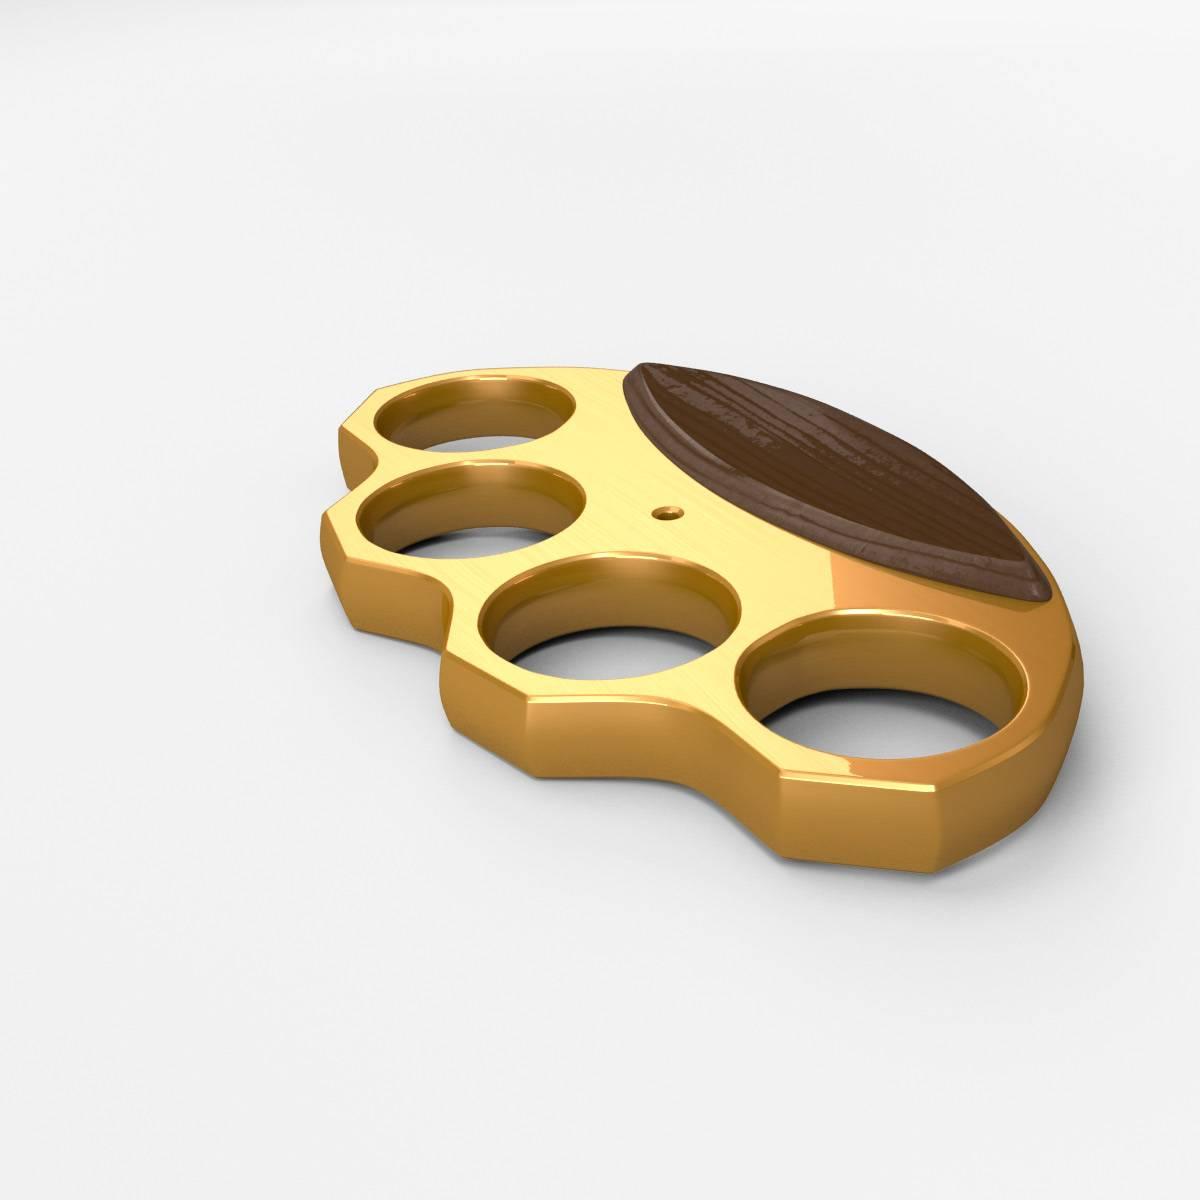 Knuckle-3-thumb